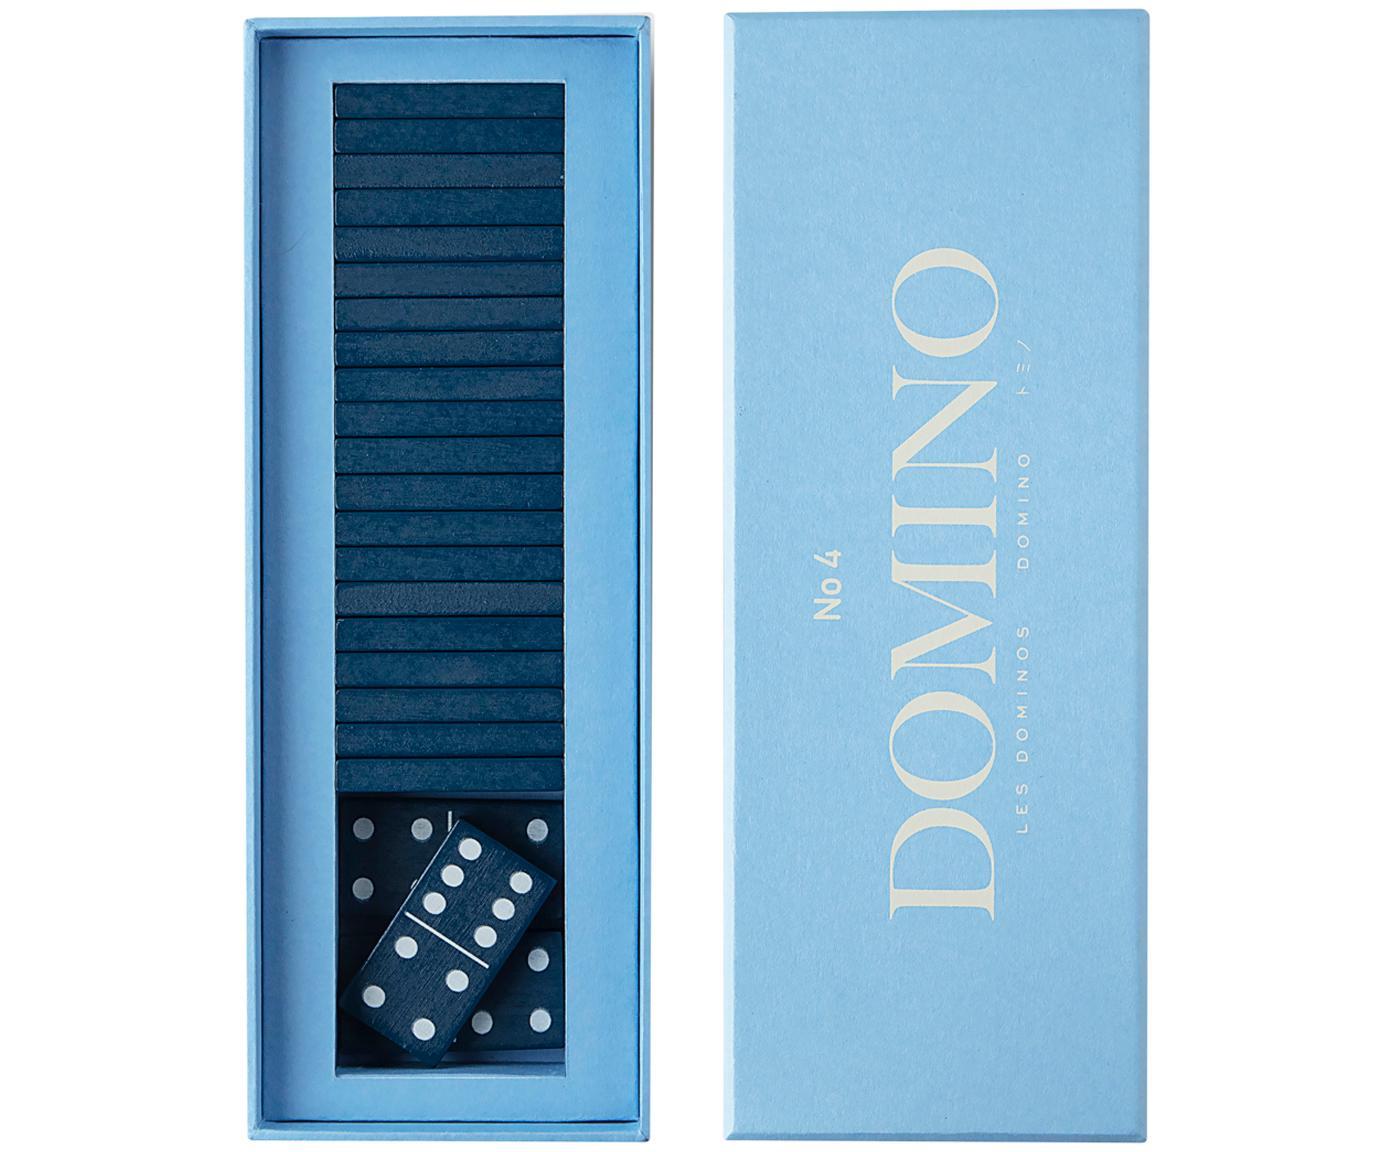 Komplet domino Classic, 30 elem., Papier, drewno naturalne, Niebieski, S 24 x W 5 cm